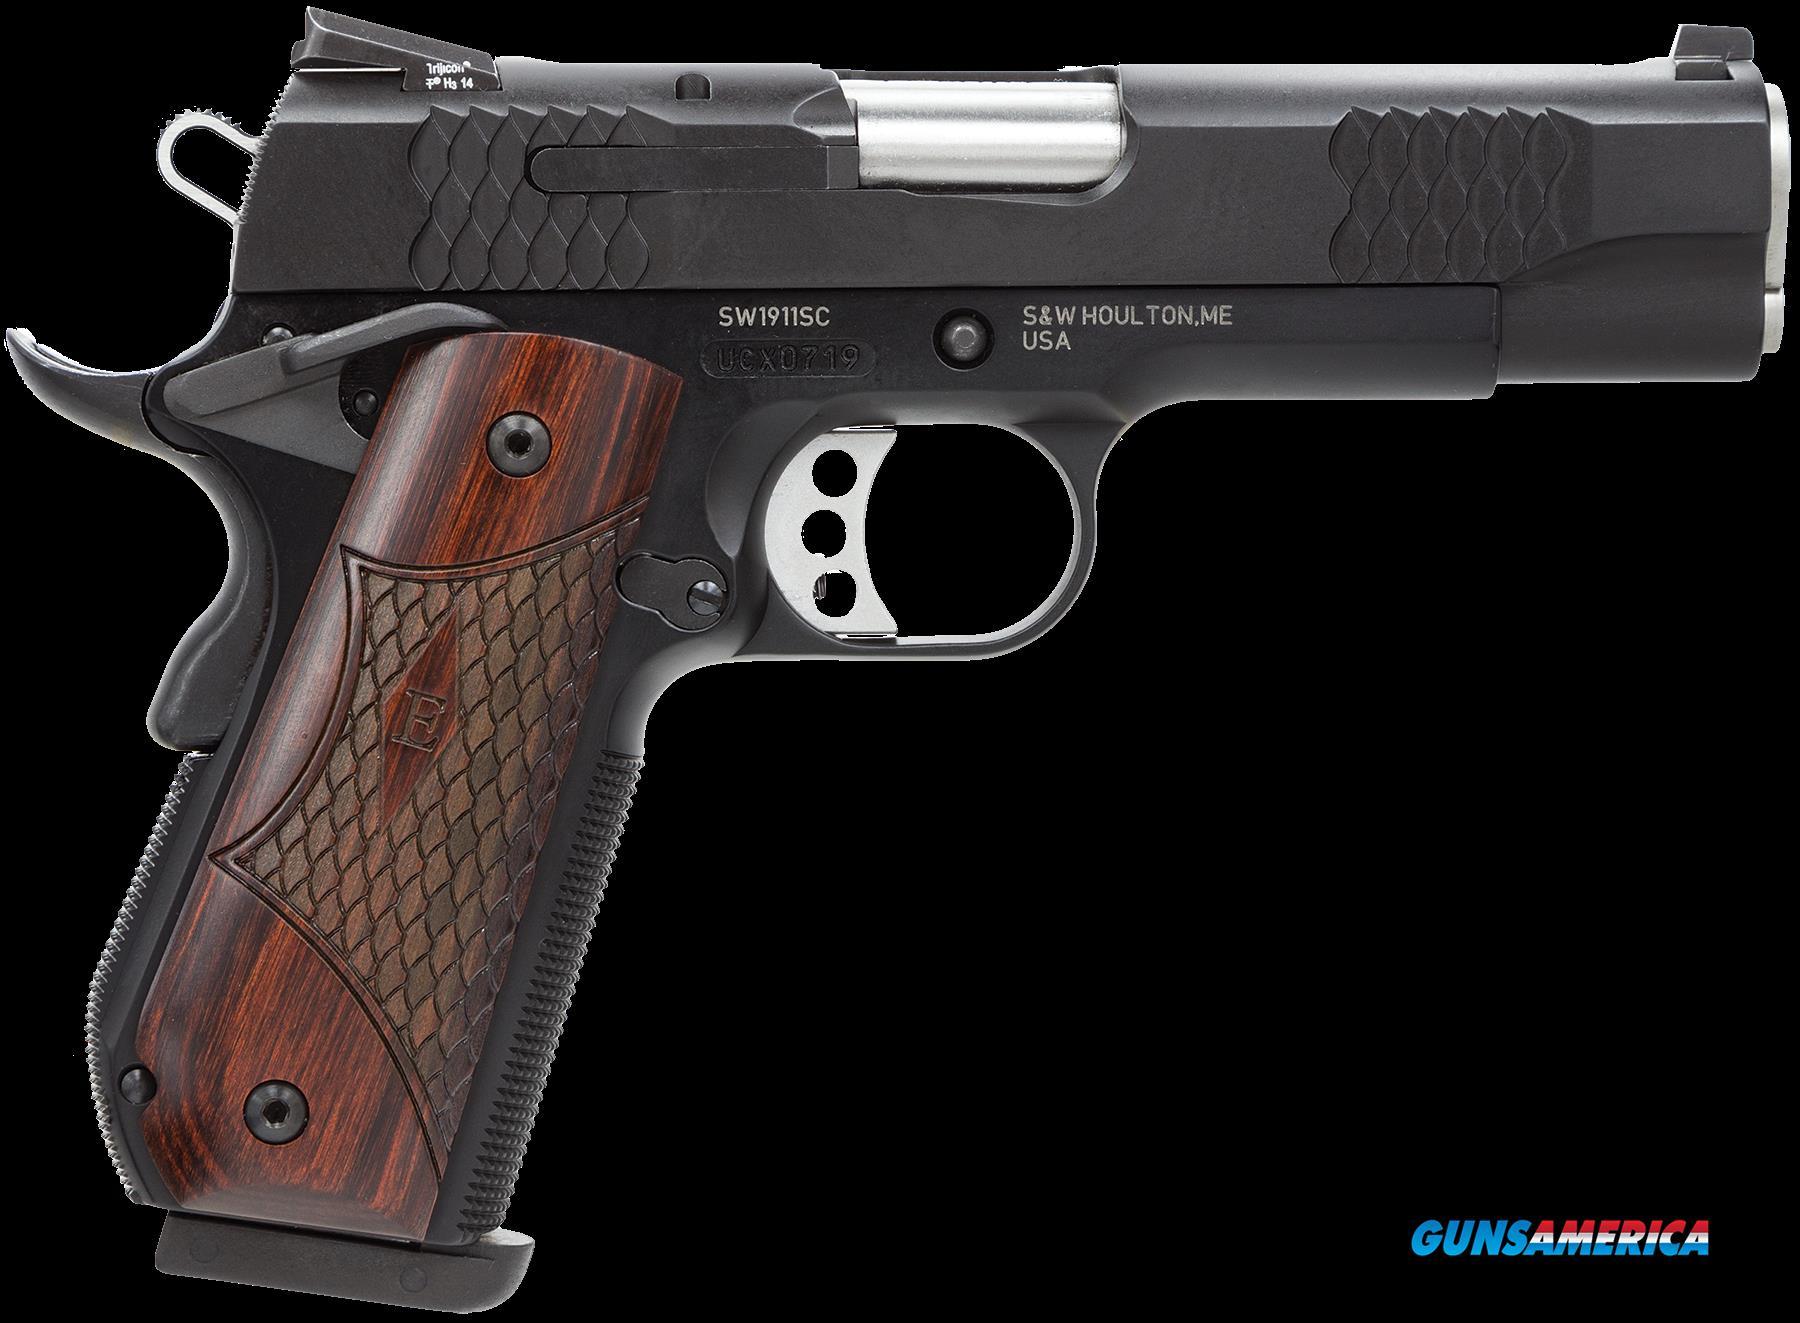 Smith & Wesson 1911, S&w M1911     108483 45 Eser 4.25    Mel  Guns > Pistols > 1911 Pistol Copies (non-Colt)